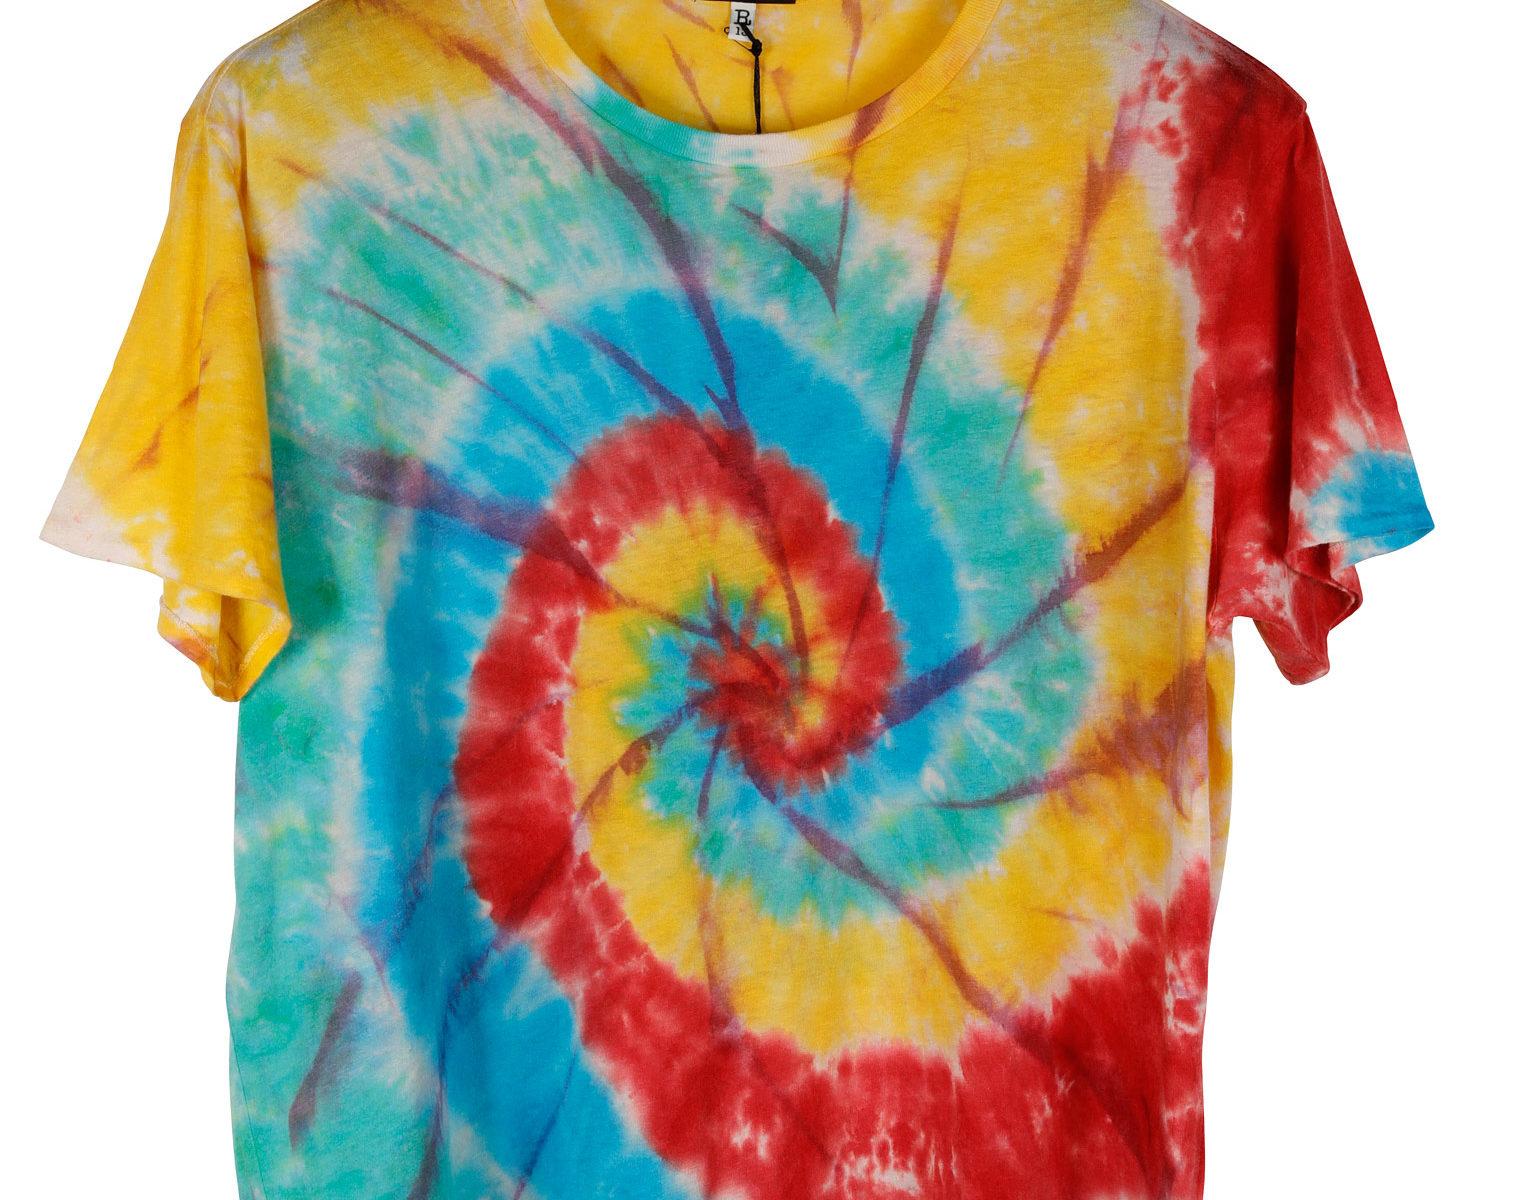 R13 Tie Dye Rainbow Boy T-Shirt 01